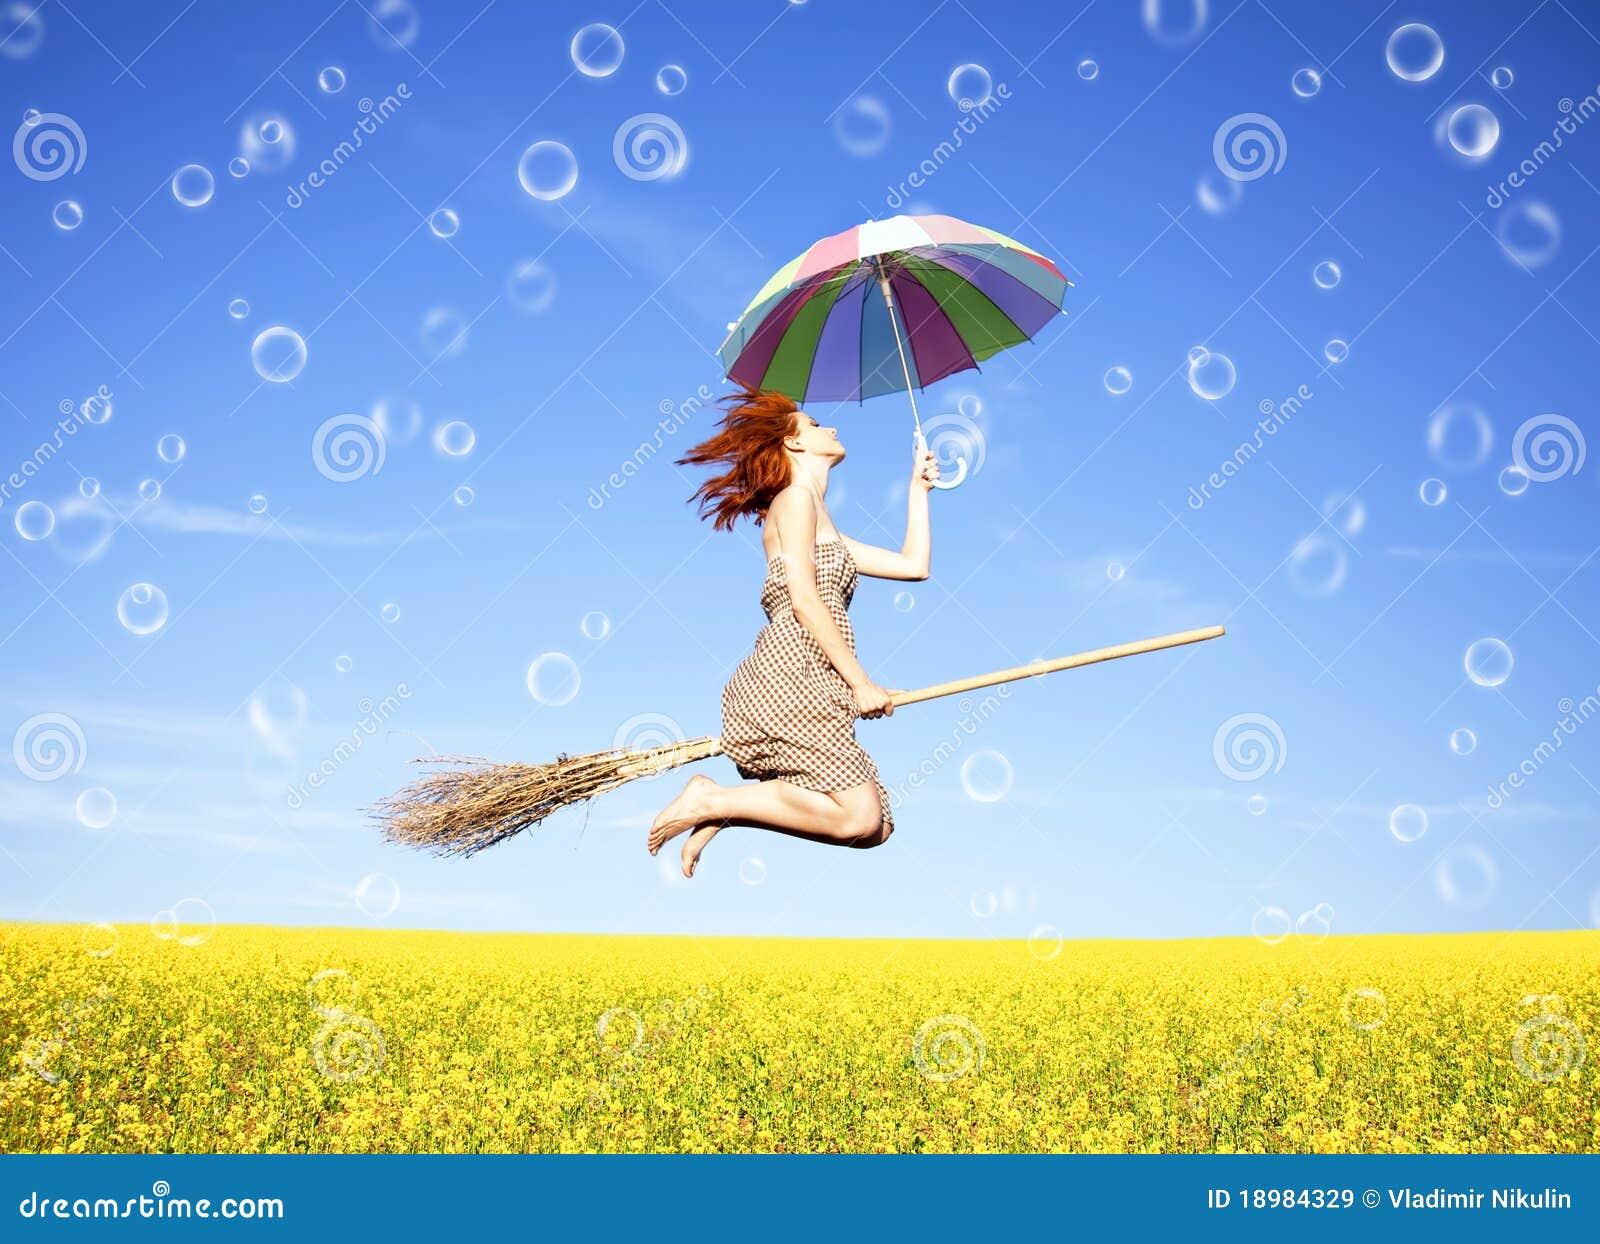 Red-haired Mädchenfliege mit Regenschirm